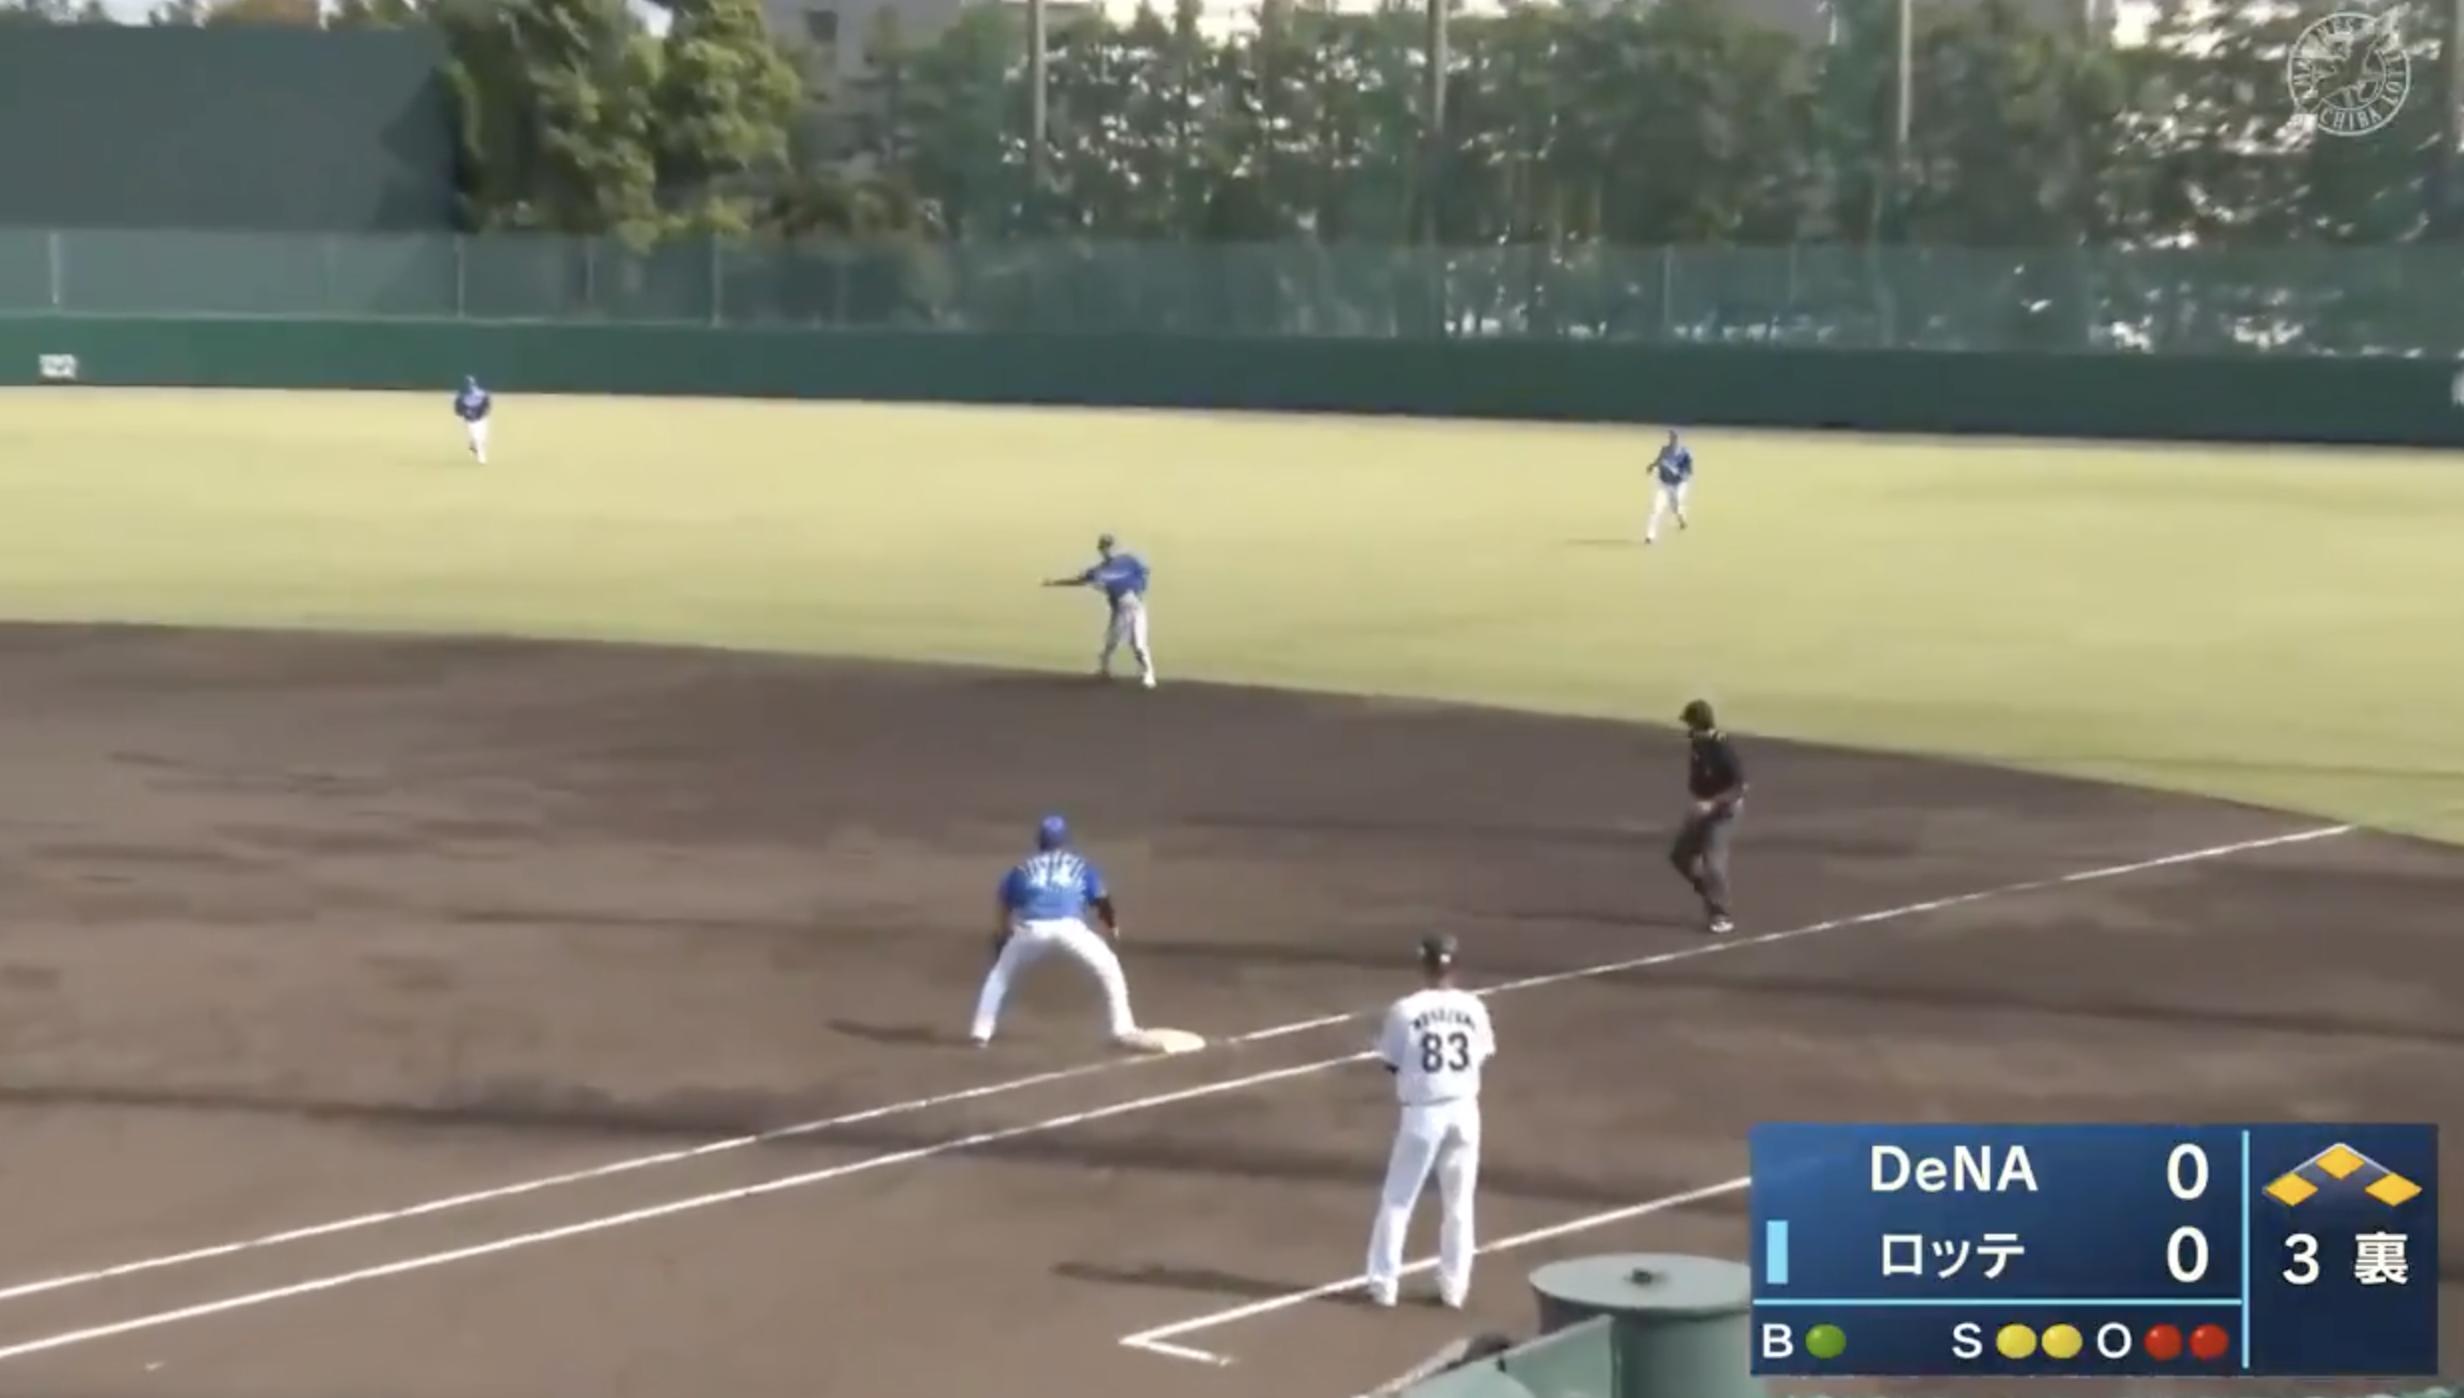 【イースタン・リーグ】DeNA・田中俊太選手、満塁のピンチを救う好プレー!!